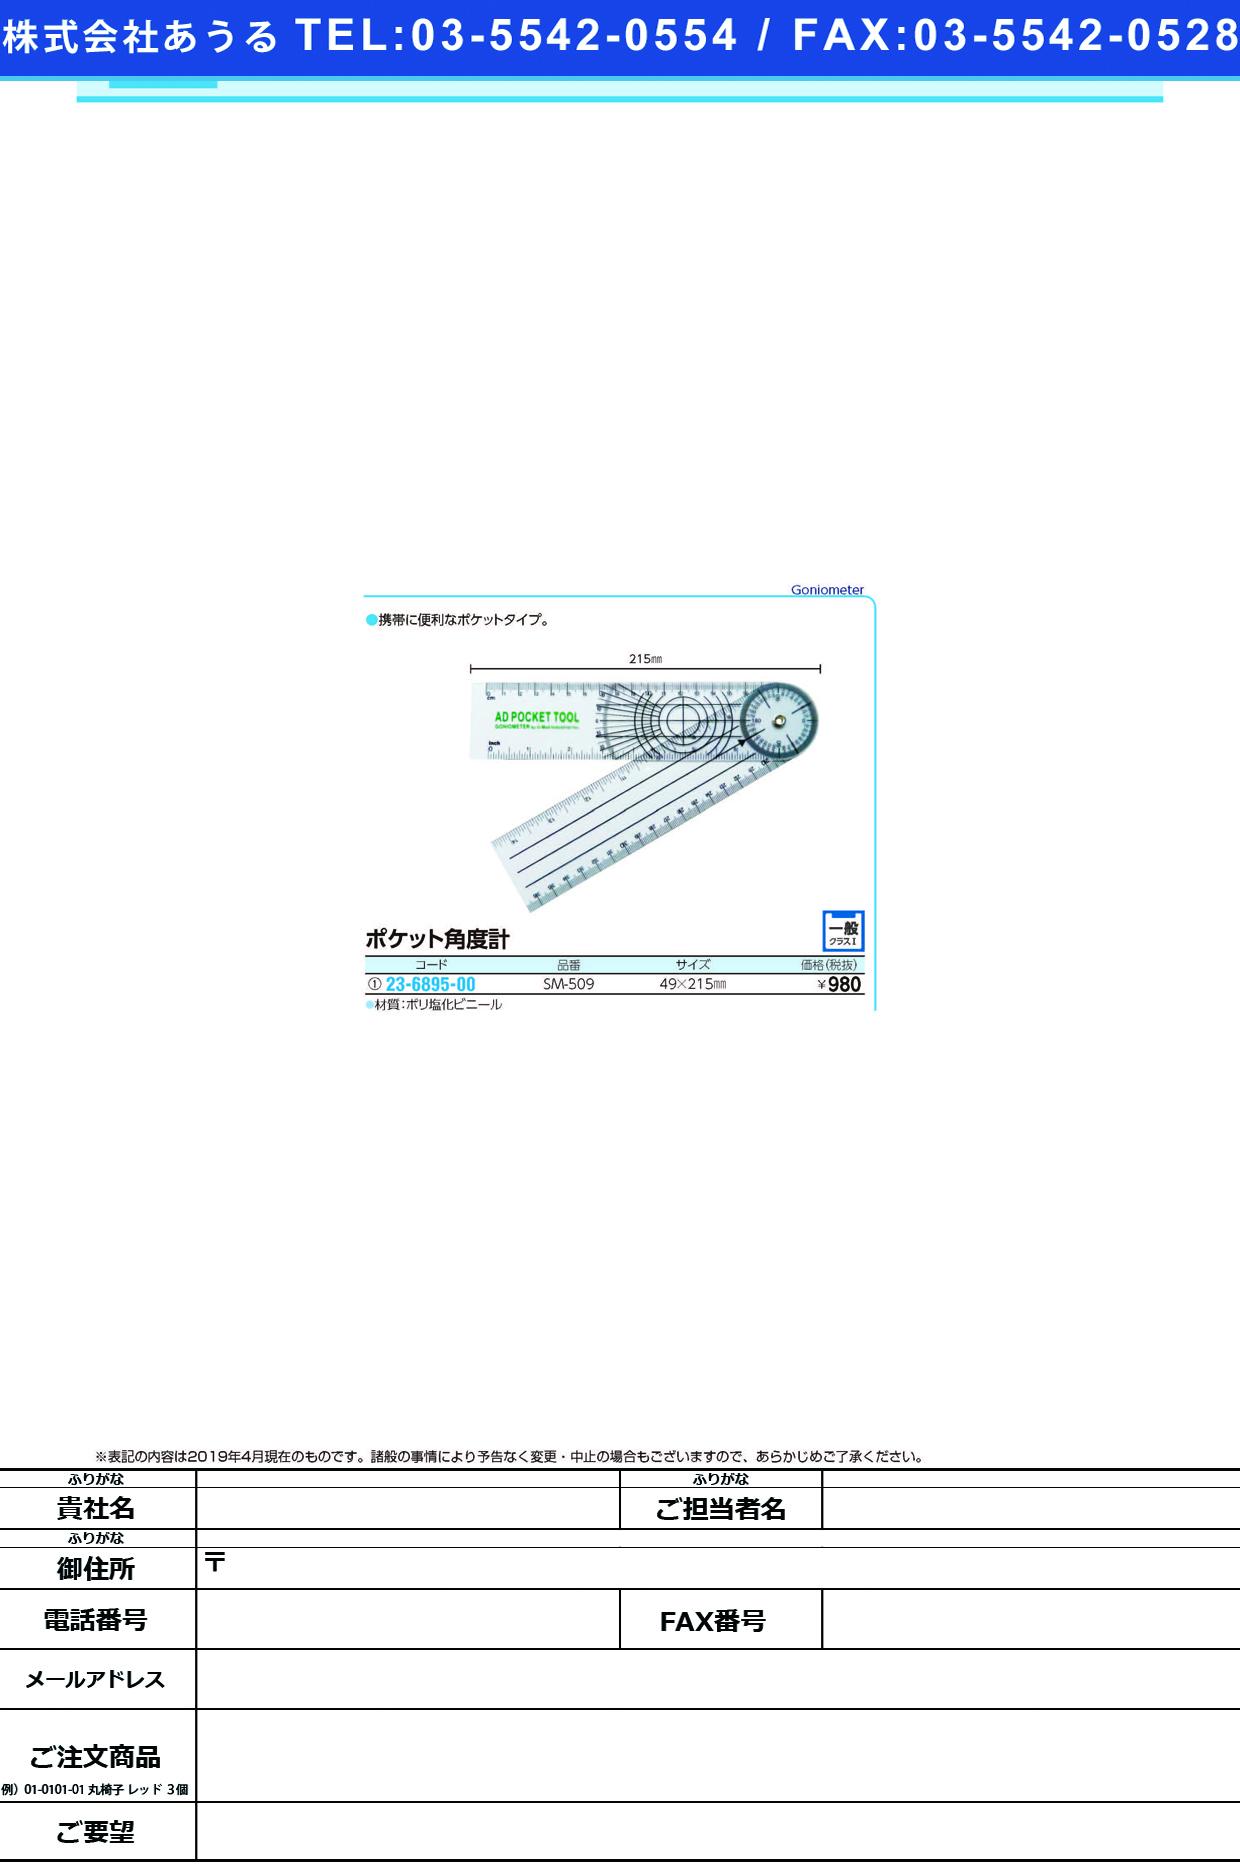 (23-6895-00)ポケット角度計(ゴニオメーター) SM-509 ポケットカクドケイ(ゴニオメーター【1個単位】【2019年カタログ商品】